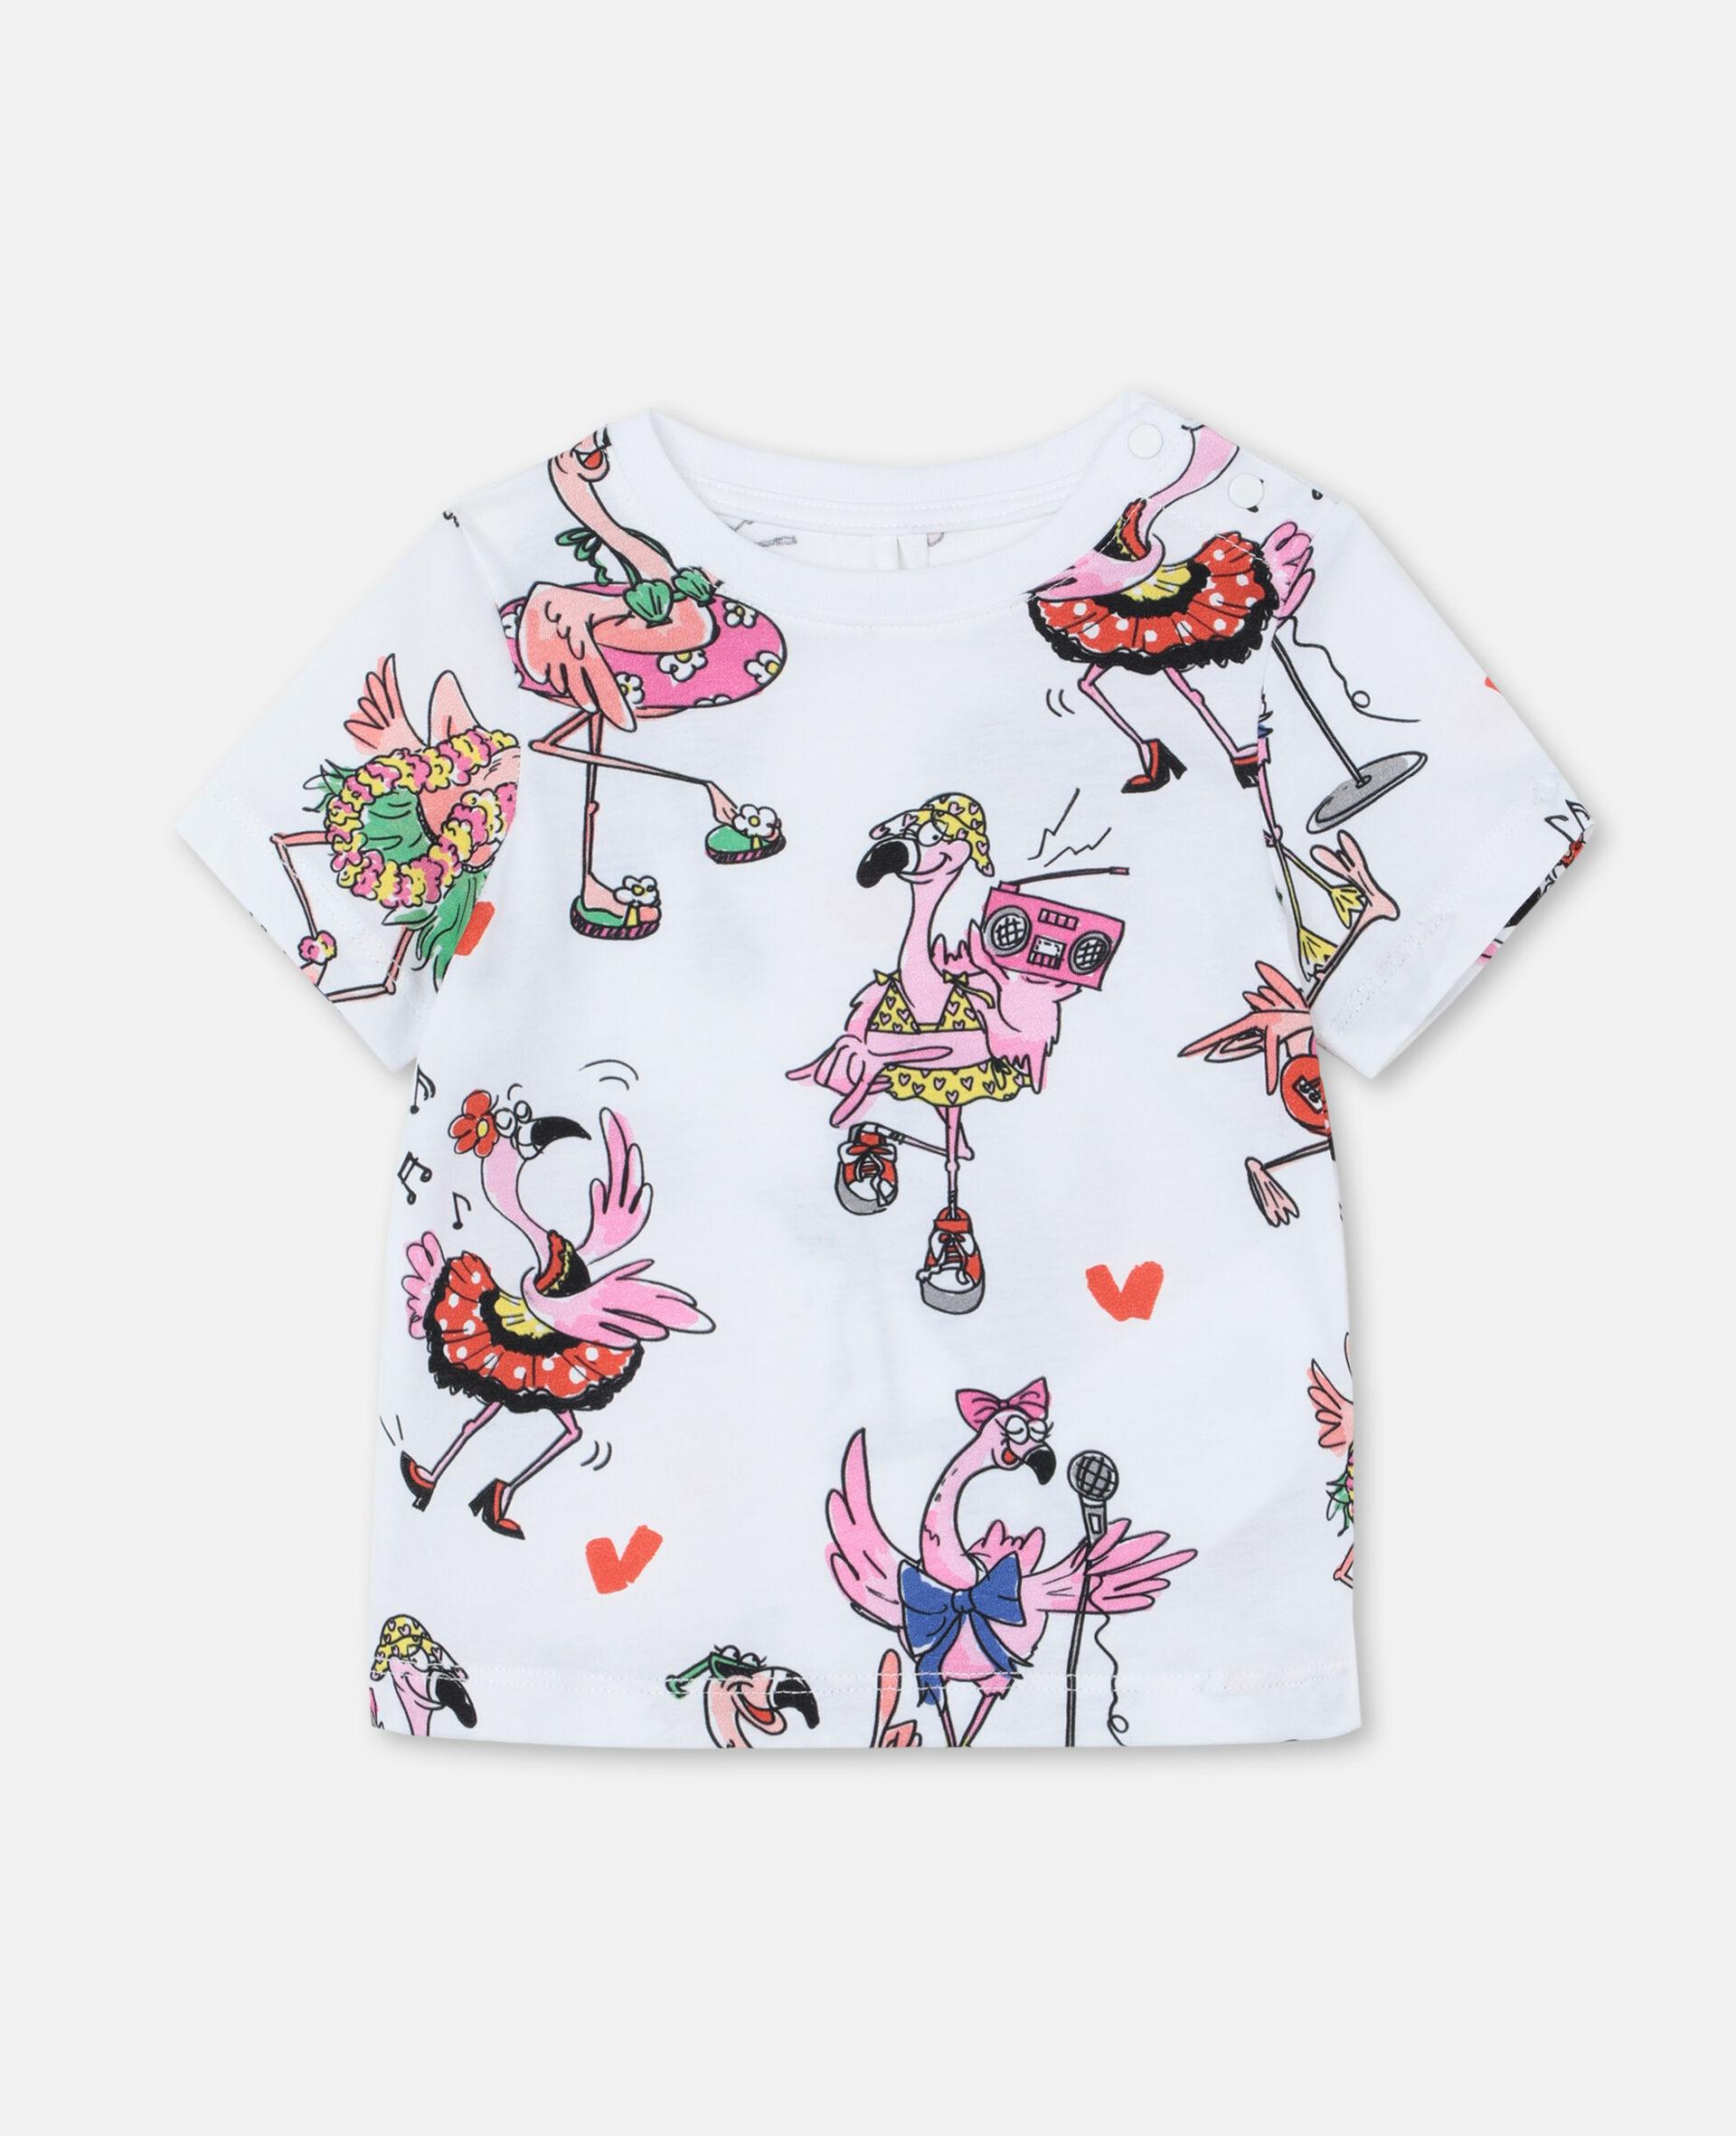 Flamingo Party Cotton T-shirt -Multicolour-large image number 0